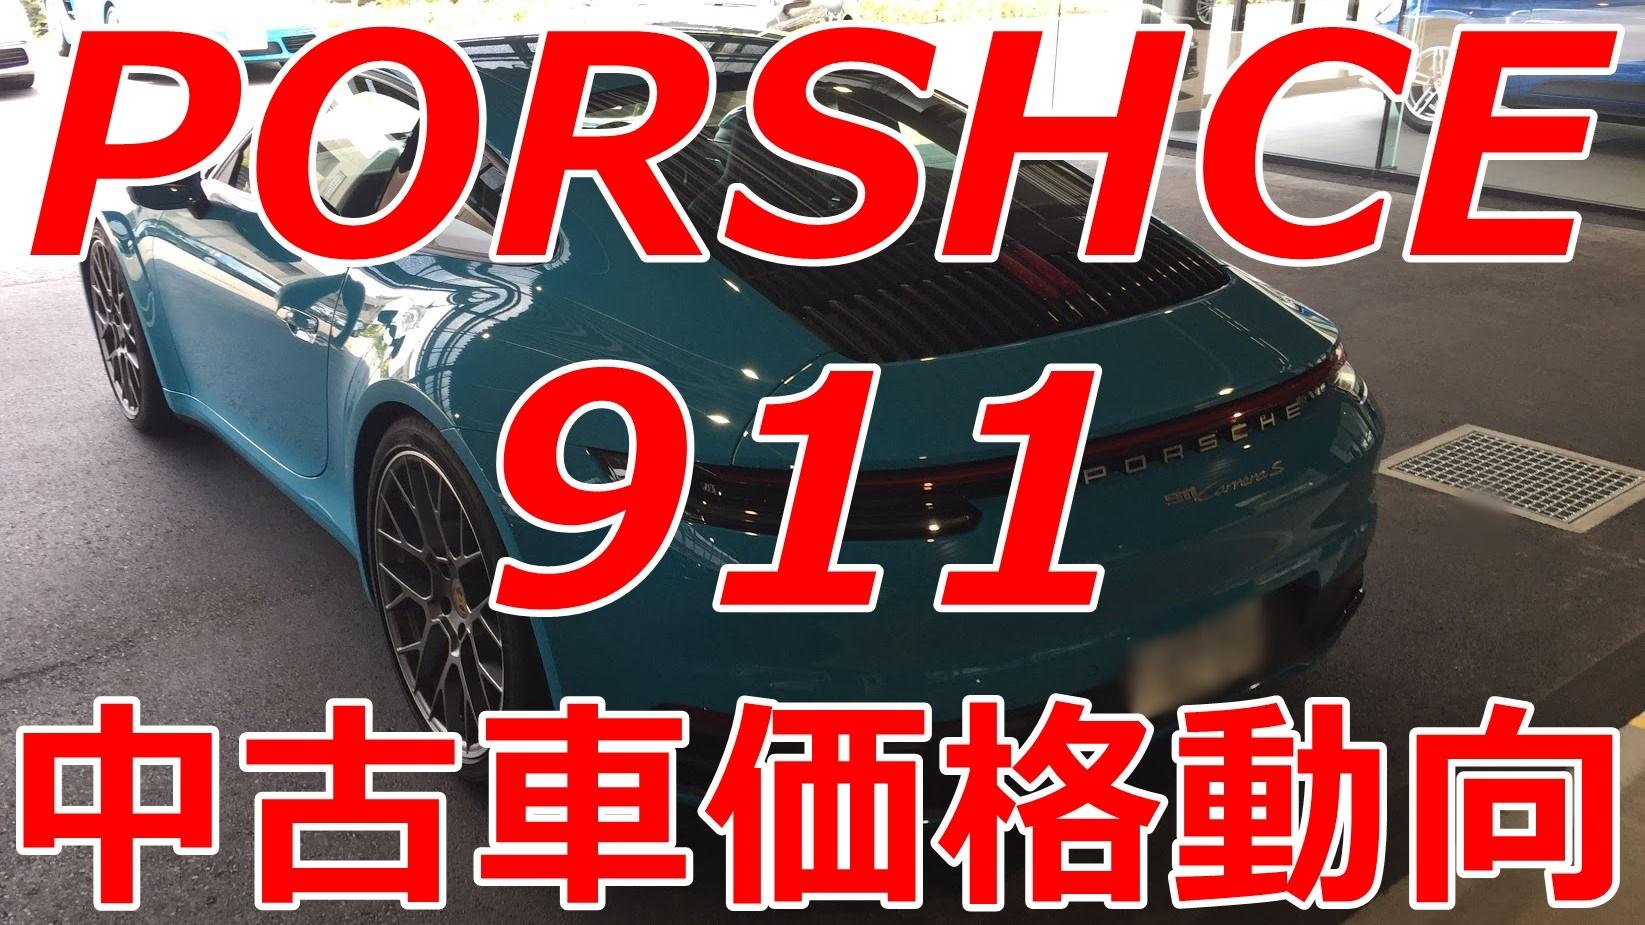 ポルシェ911中古車価格動向【2019年12月調査】関東エリア Porsche 911 Carrera Price Tokyo Japan 201912